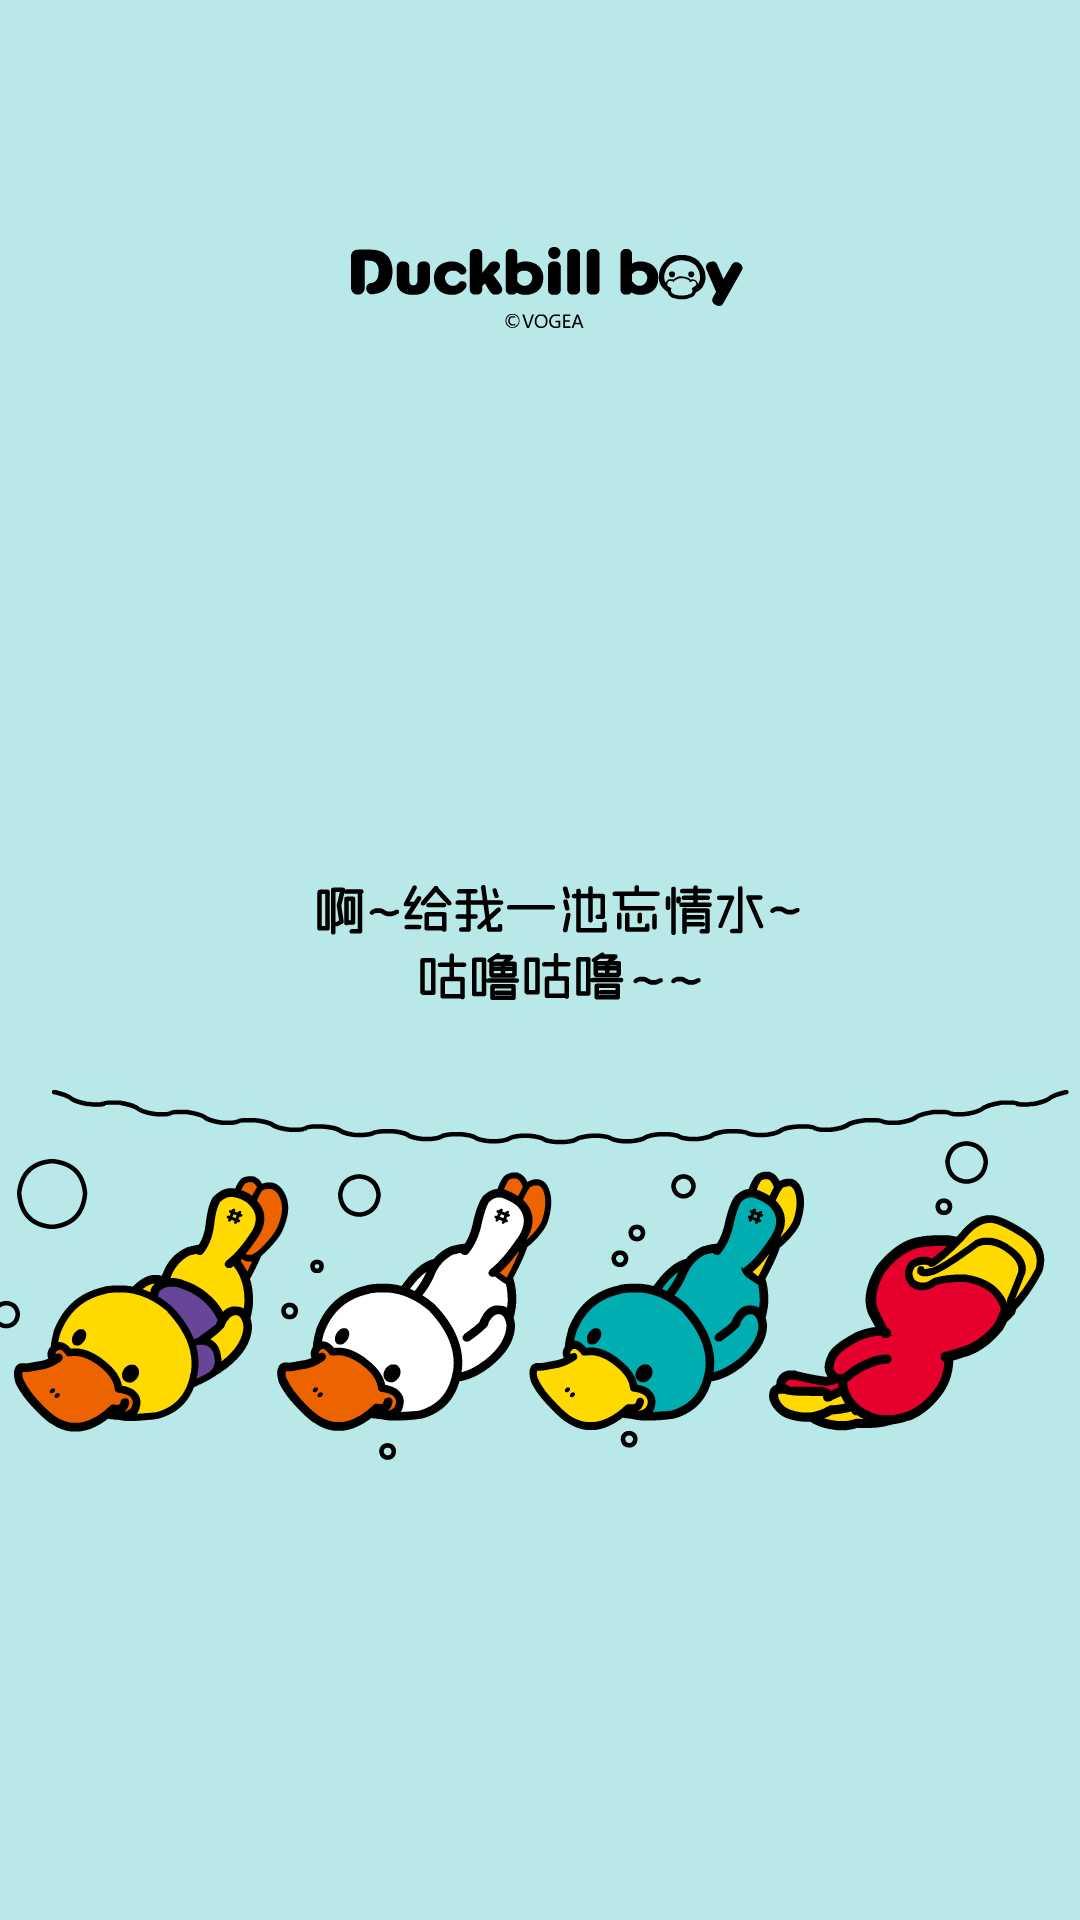 鸭嘴兽男孩组图壁纸